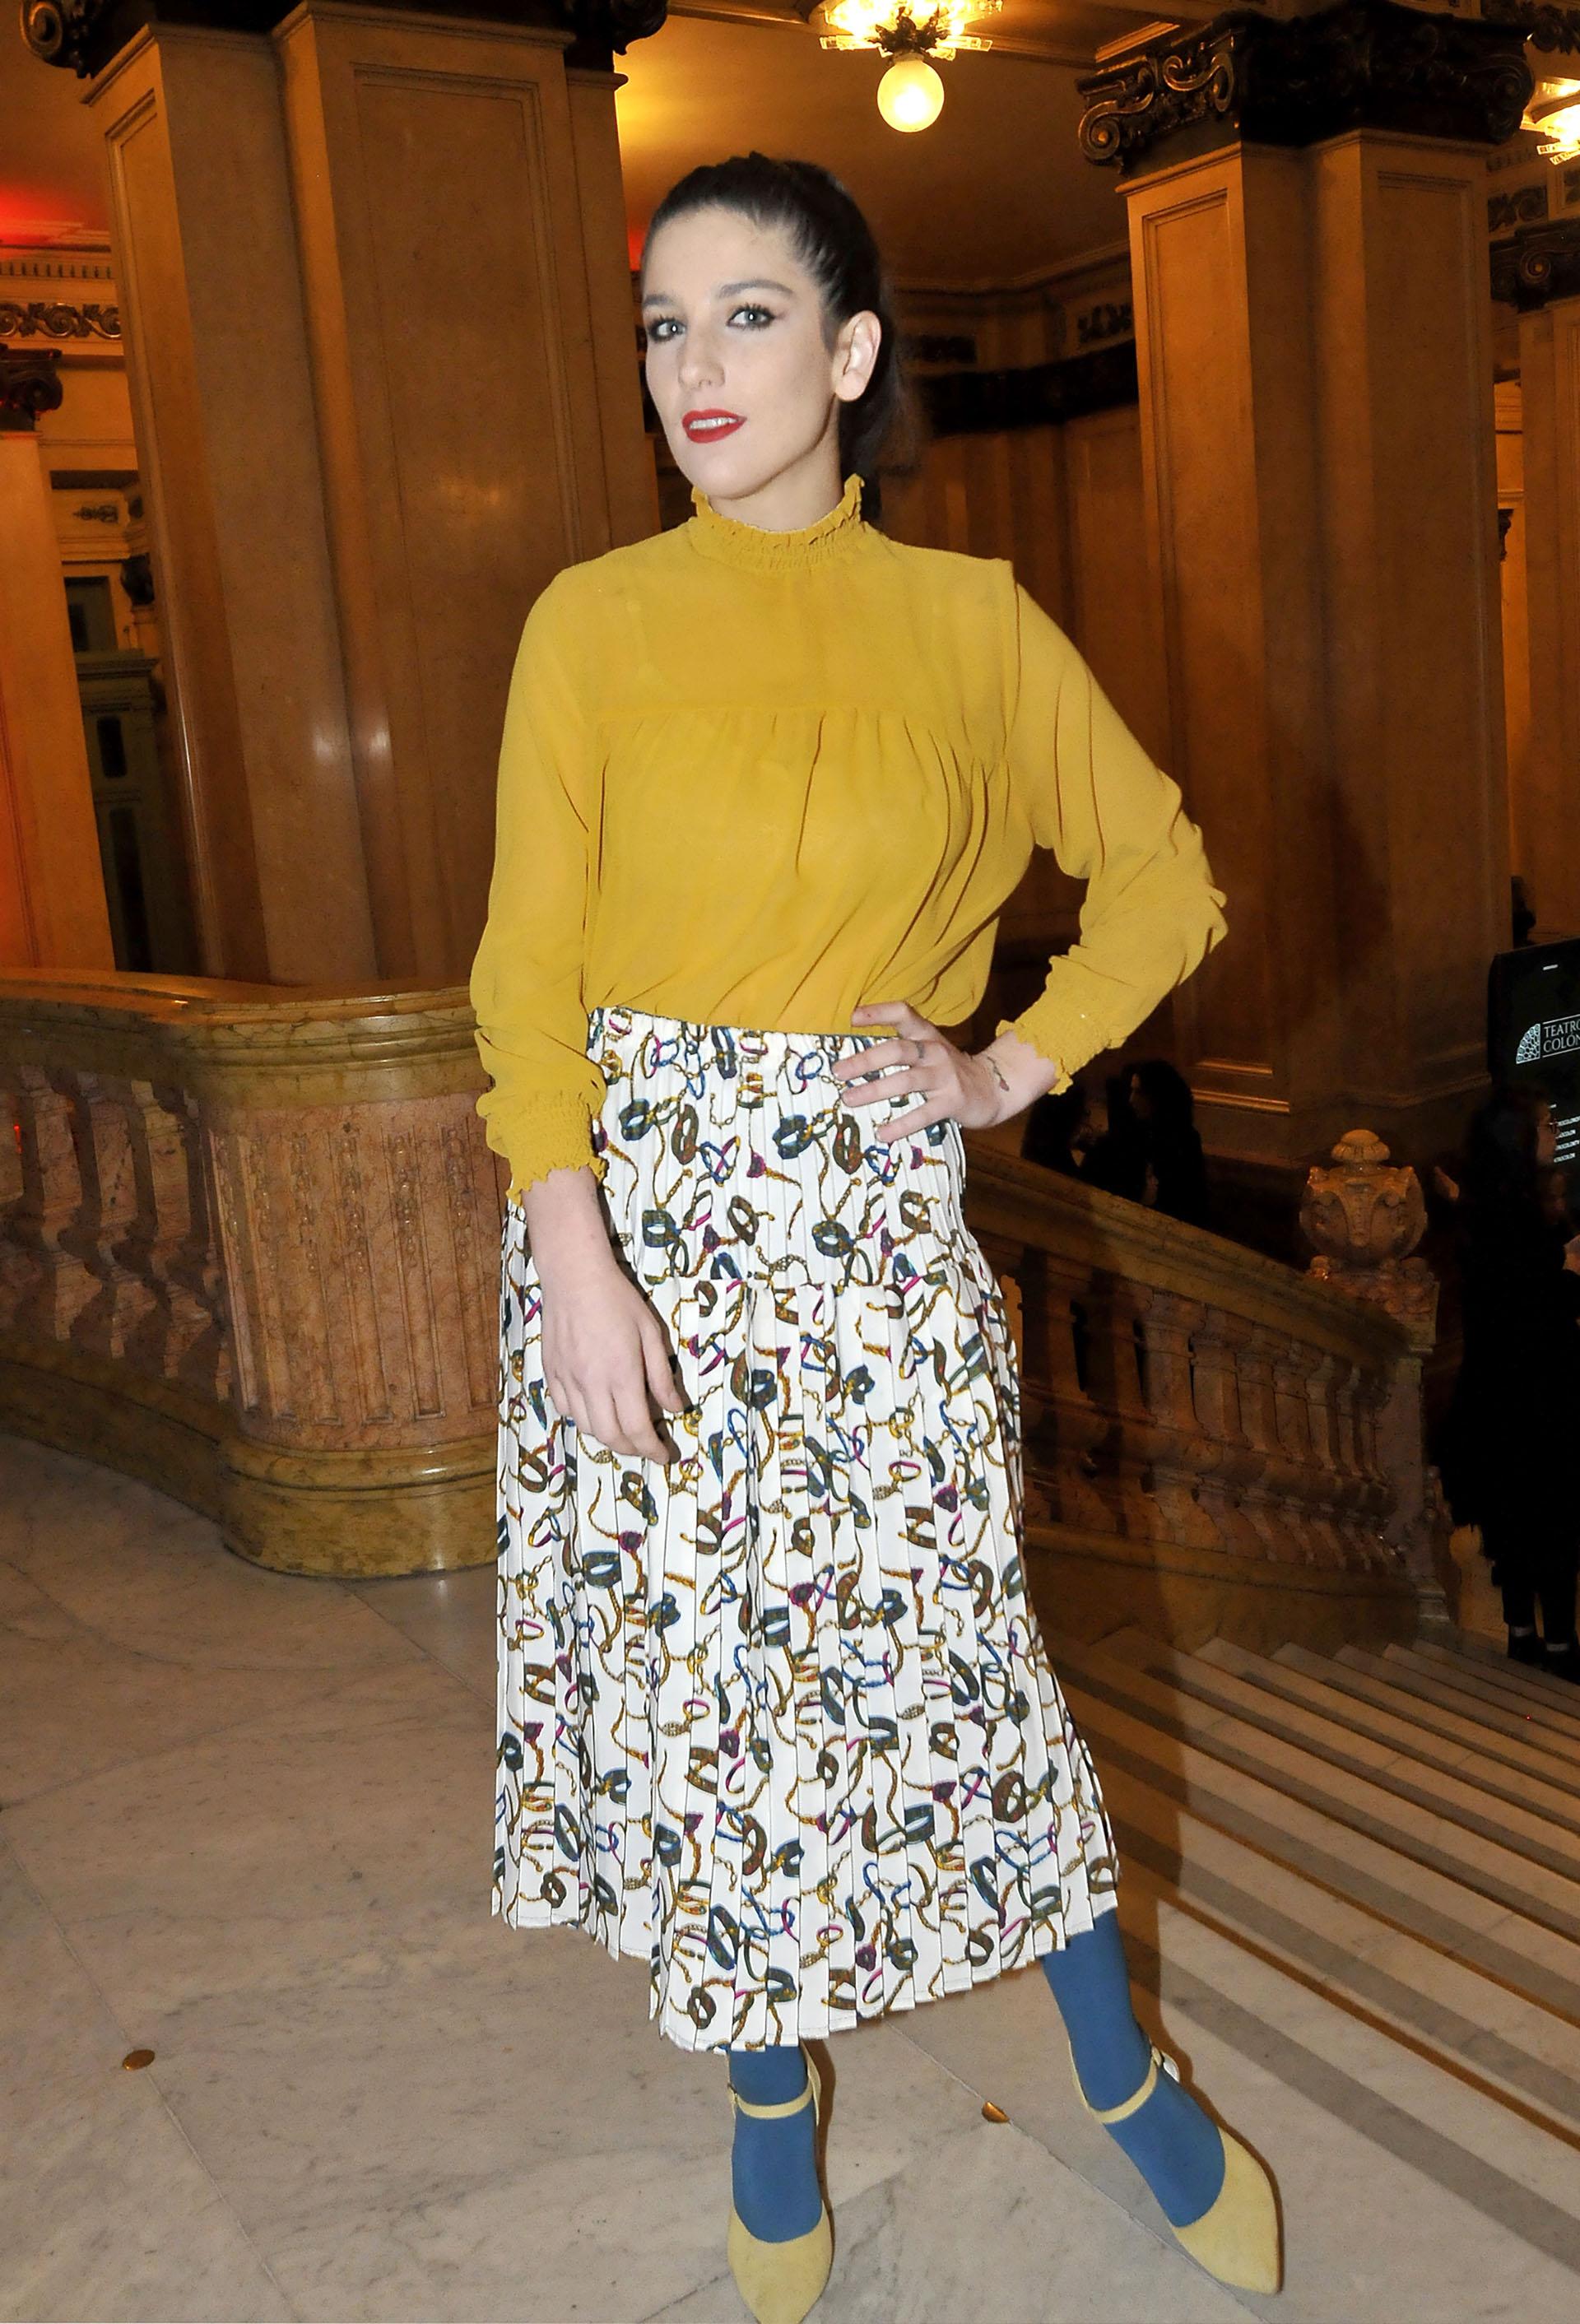 La actriz, Juanita Repetto eligió un vestuario más colorido